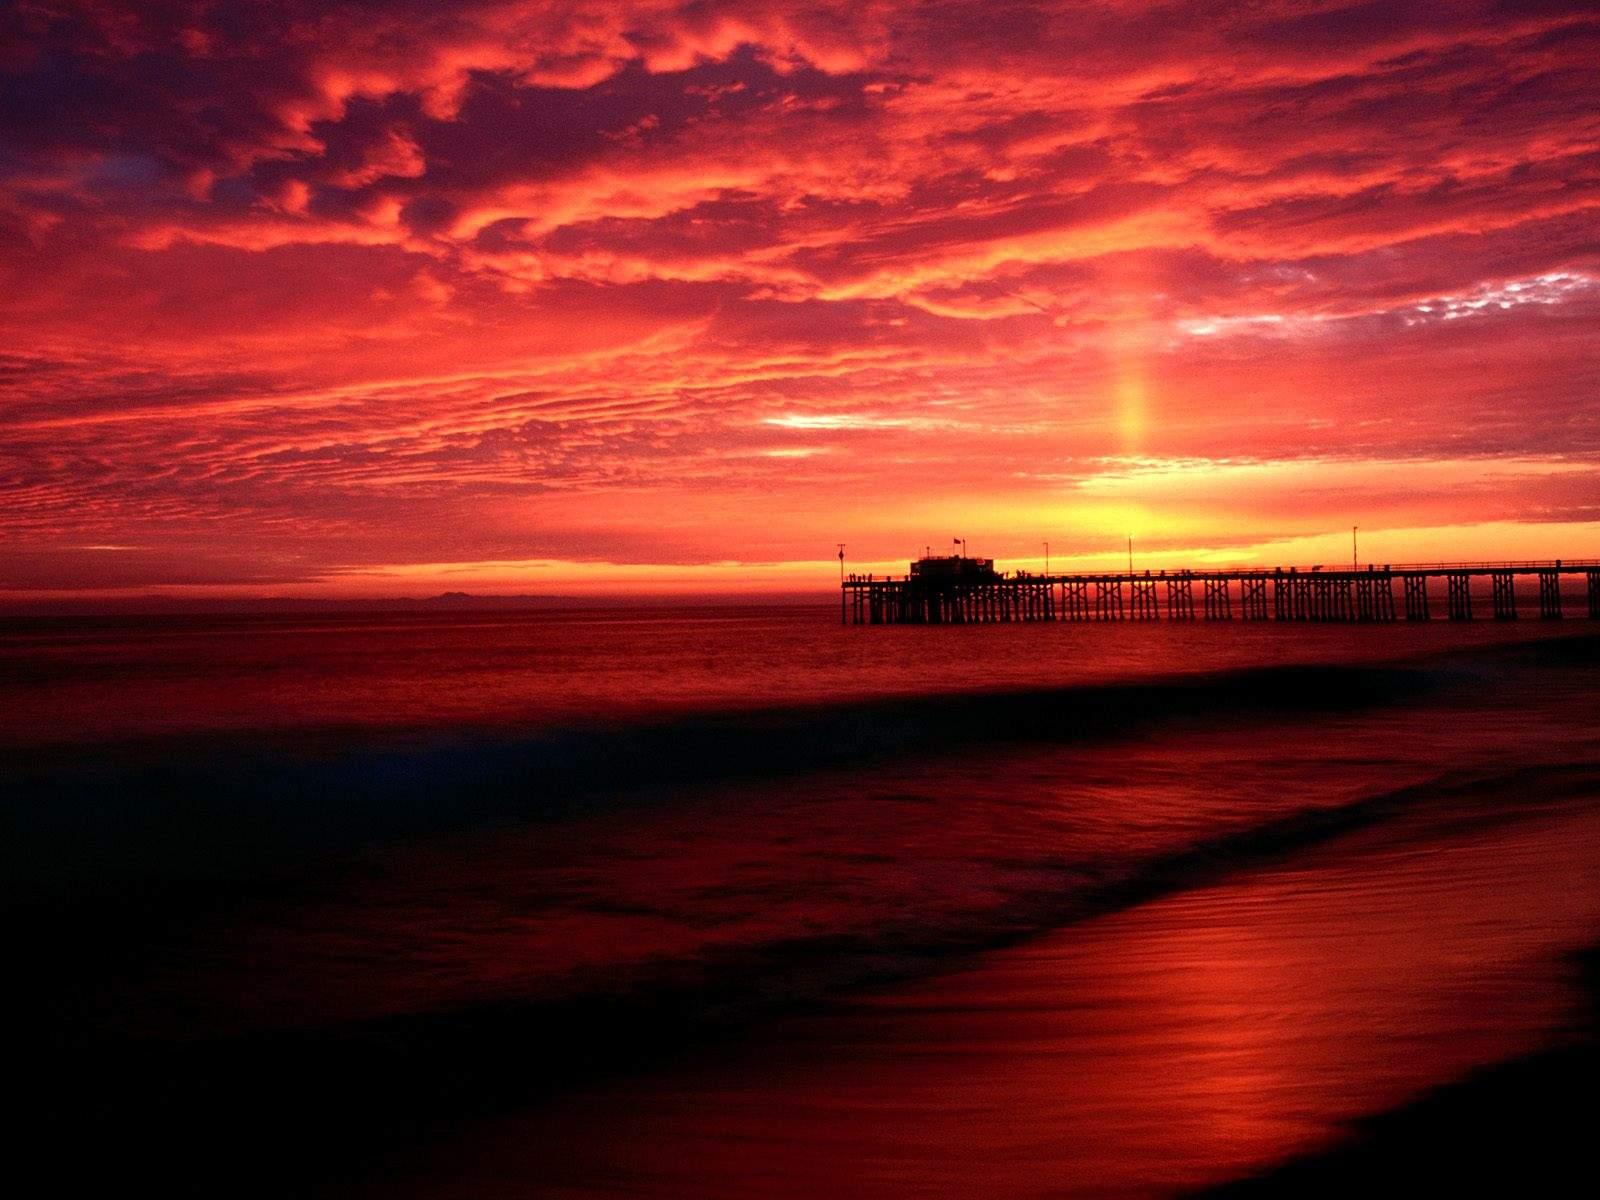 California Beaches Sunset Pier Desktop Wallpaper 1600 X 1200